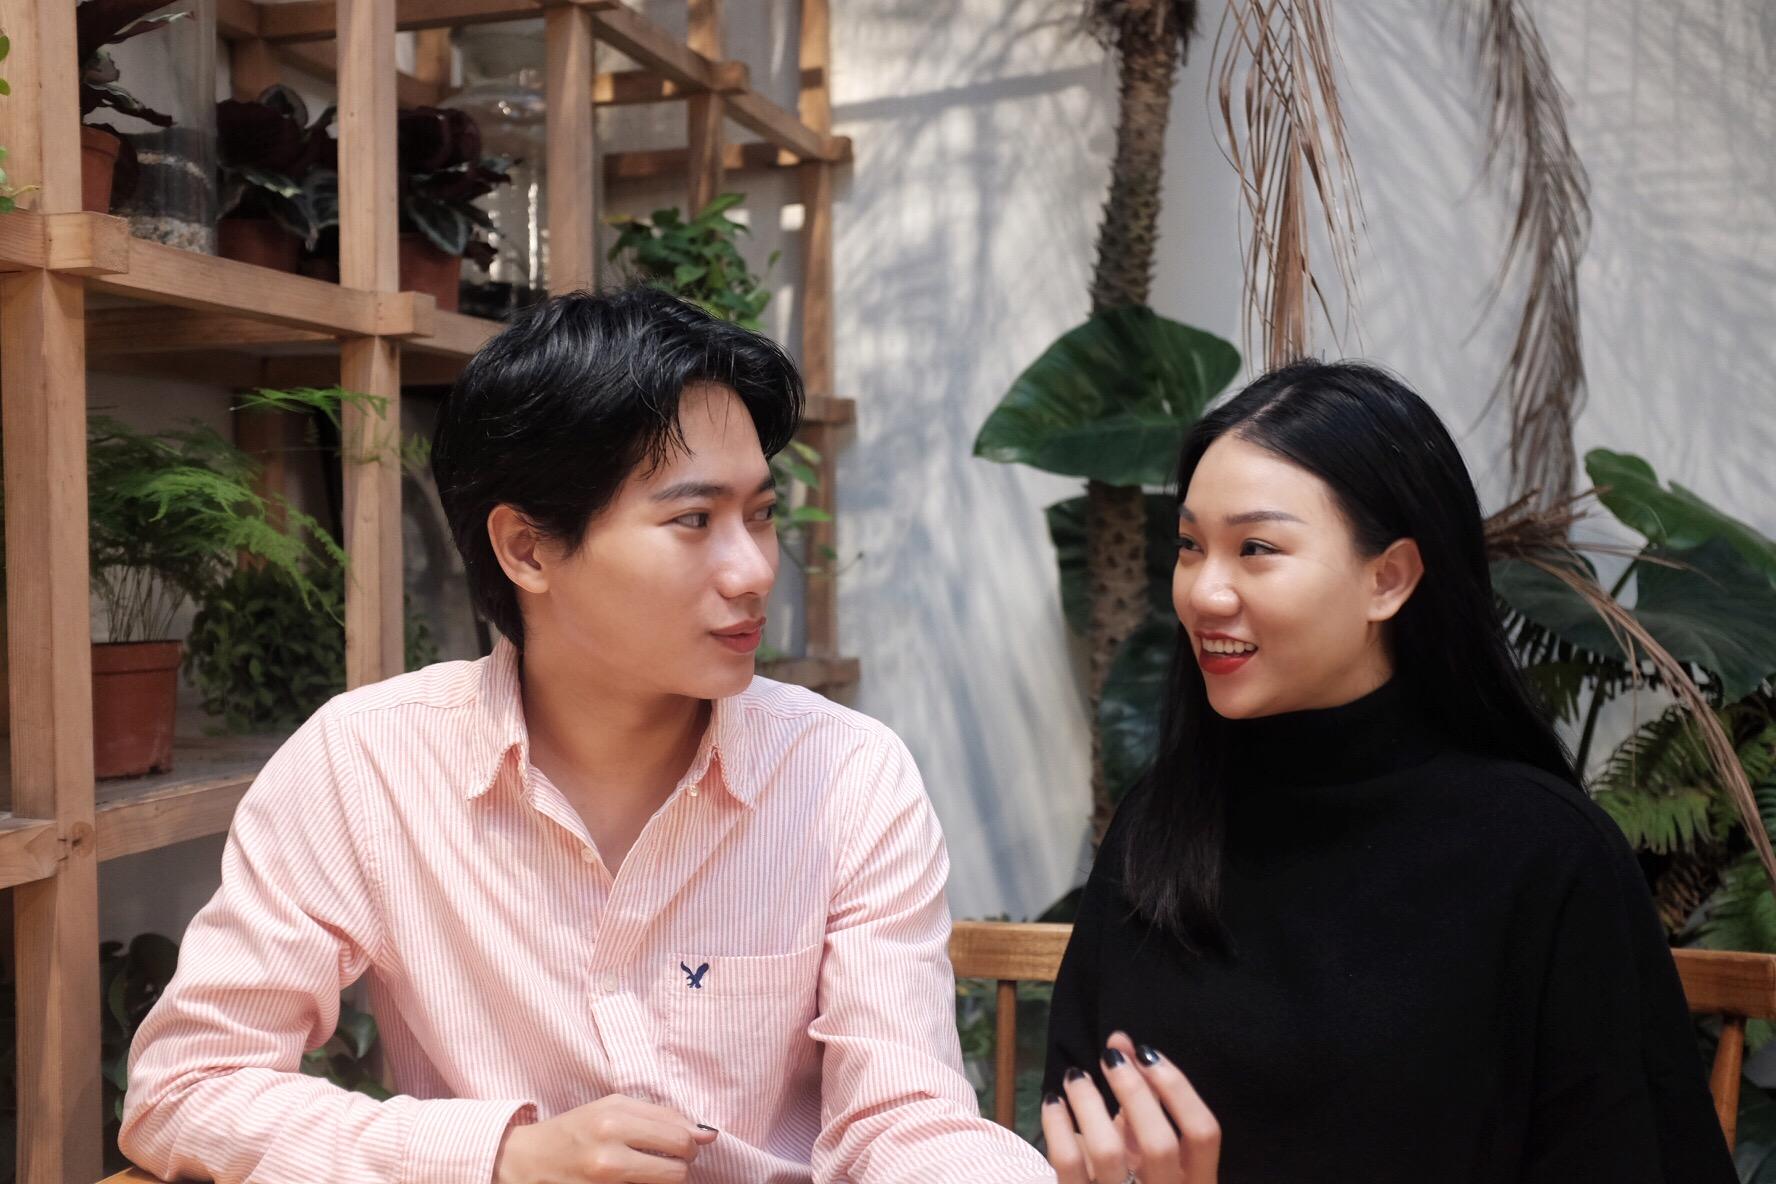 Đỗ Duy Khánh và Đinh Phương Anh - 2 founder của startup Skinlosophy.